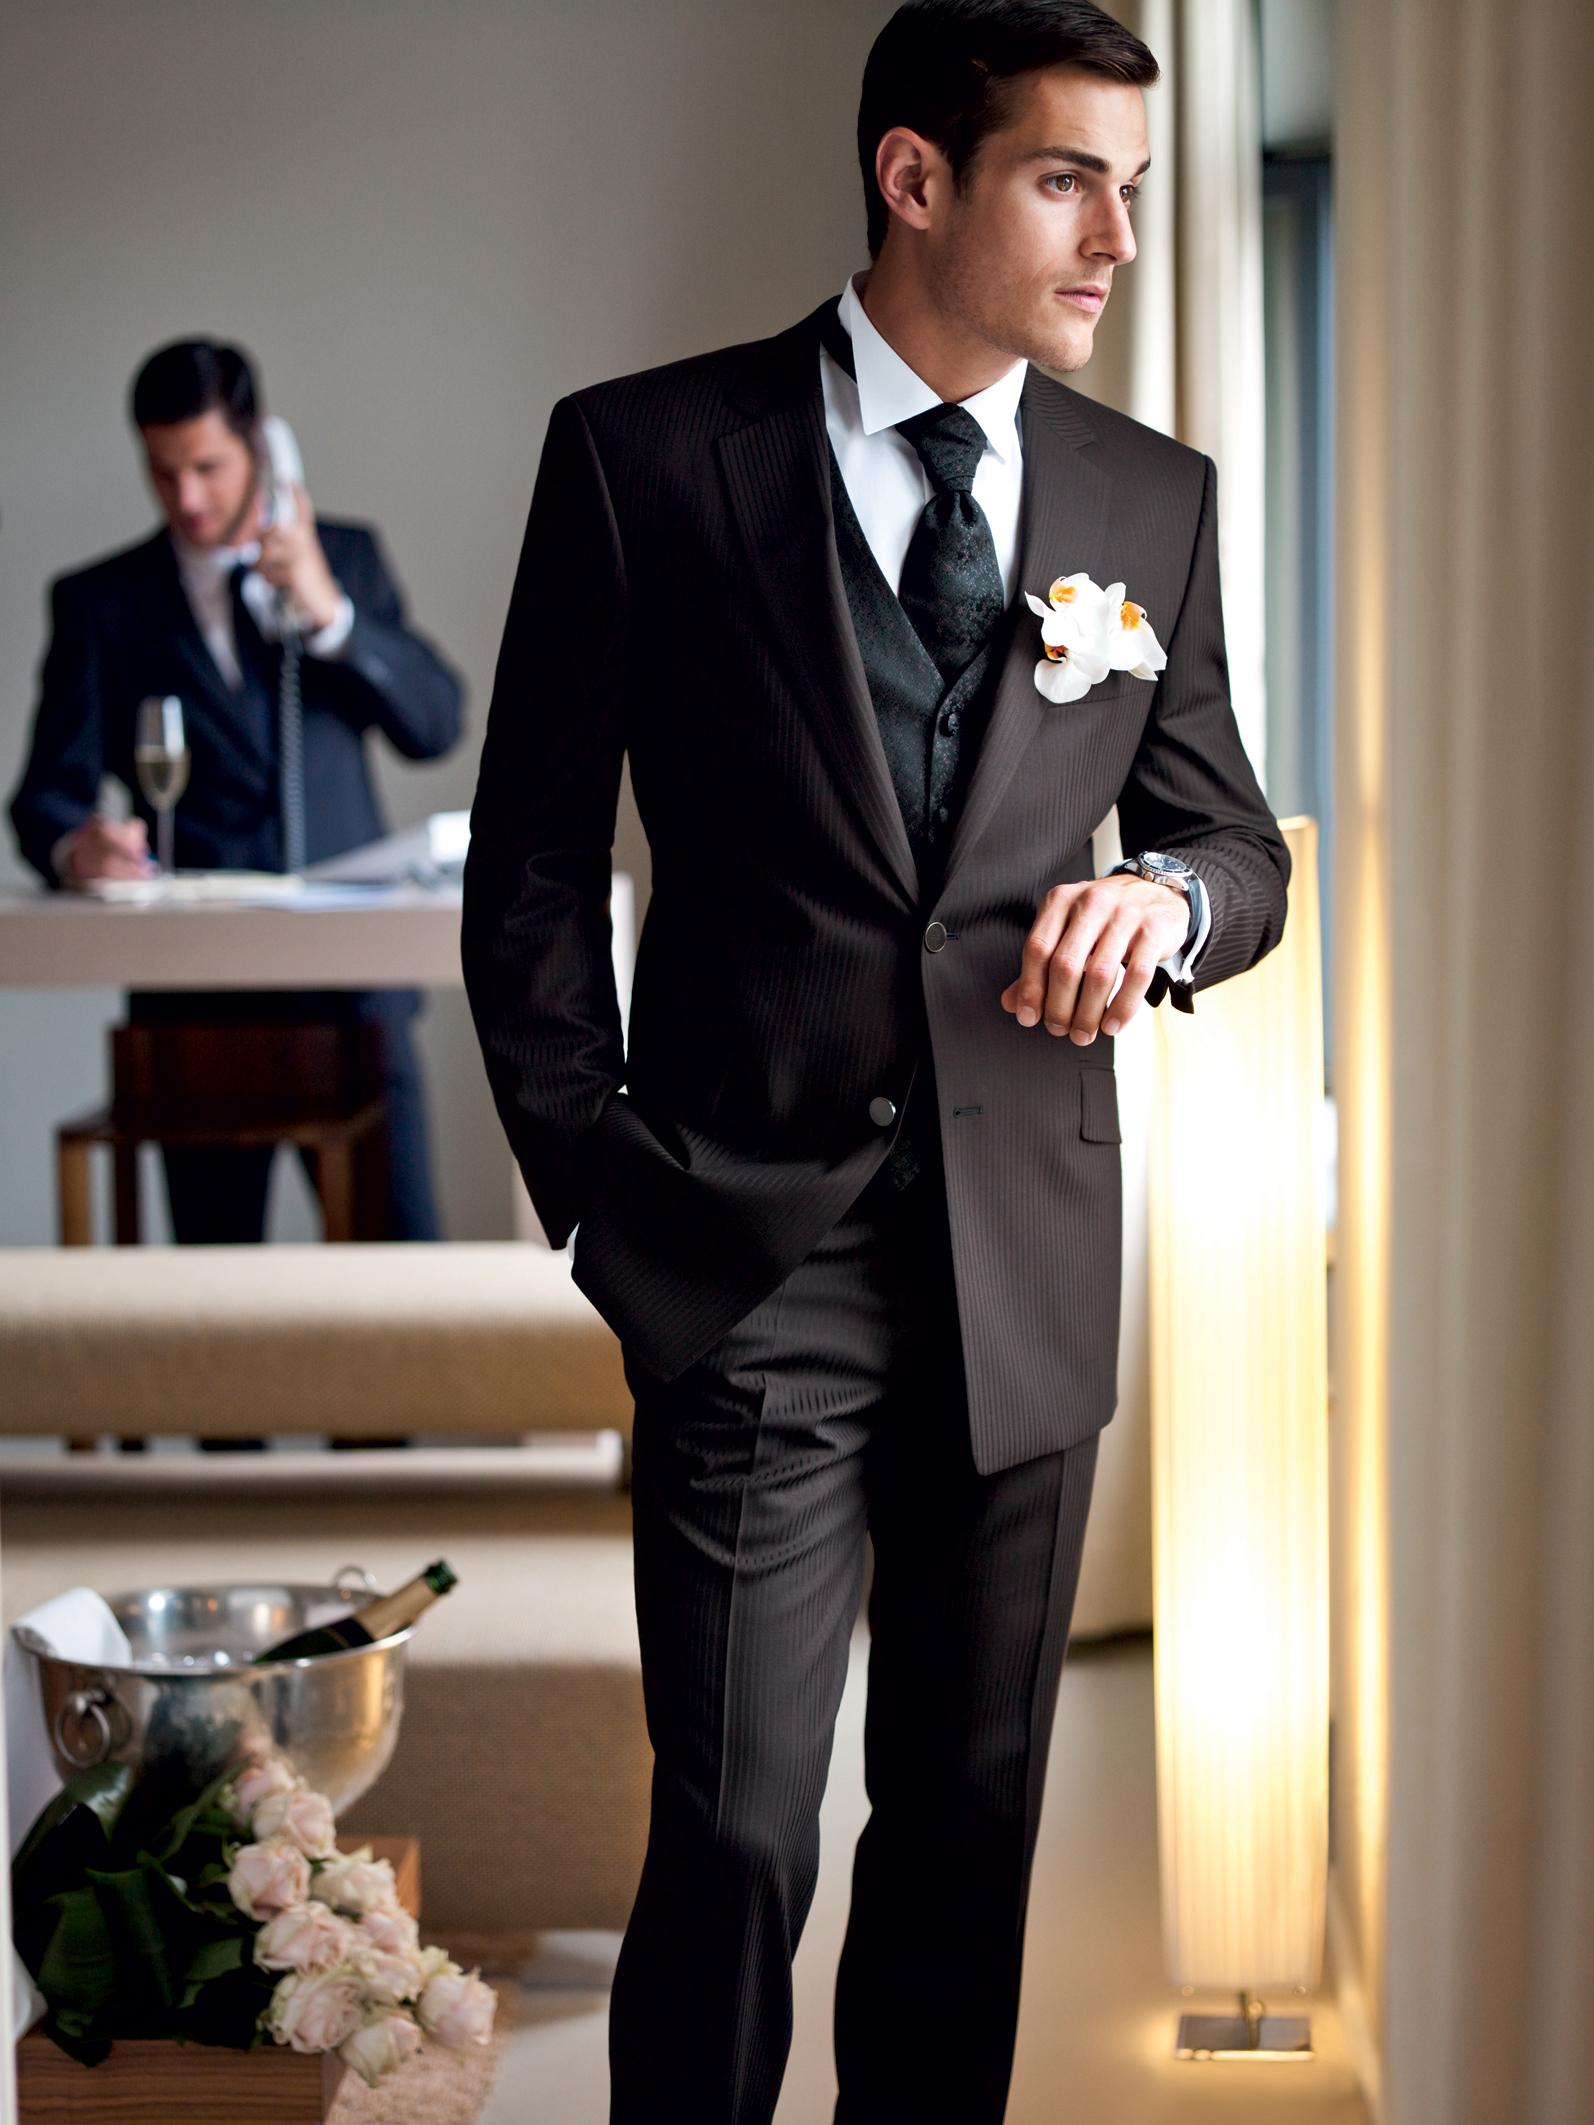 e0632a68587002d Мужские костюмы на свадьбу (150 фото): свадебные костюмы для мужчин, синий  и белый, сколько стоит, молодежные